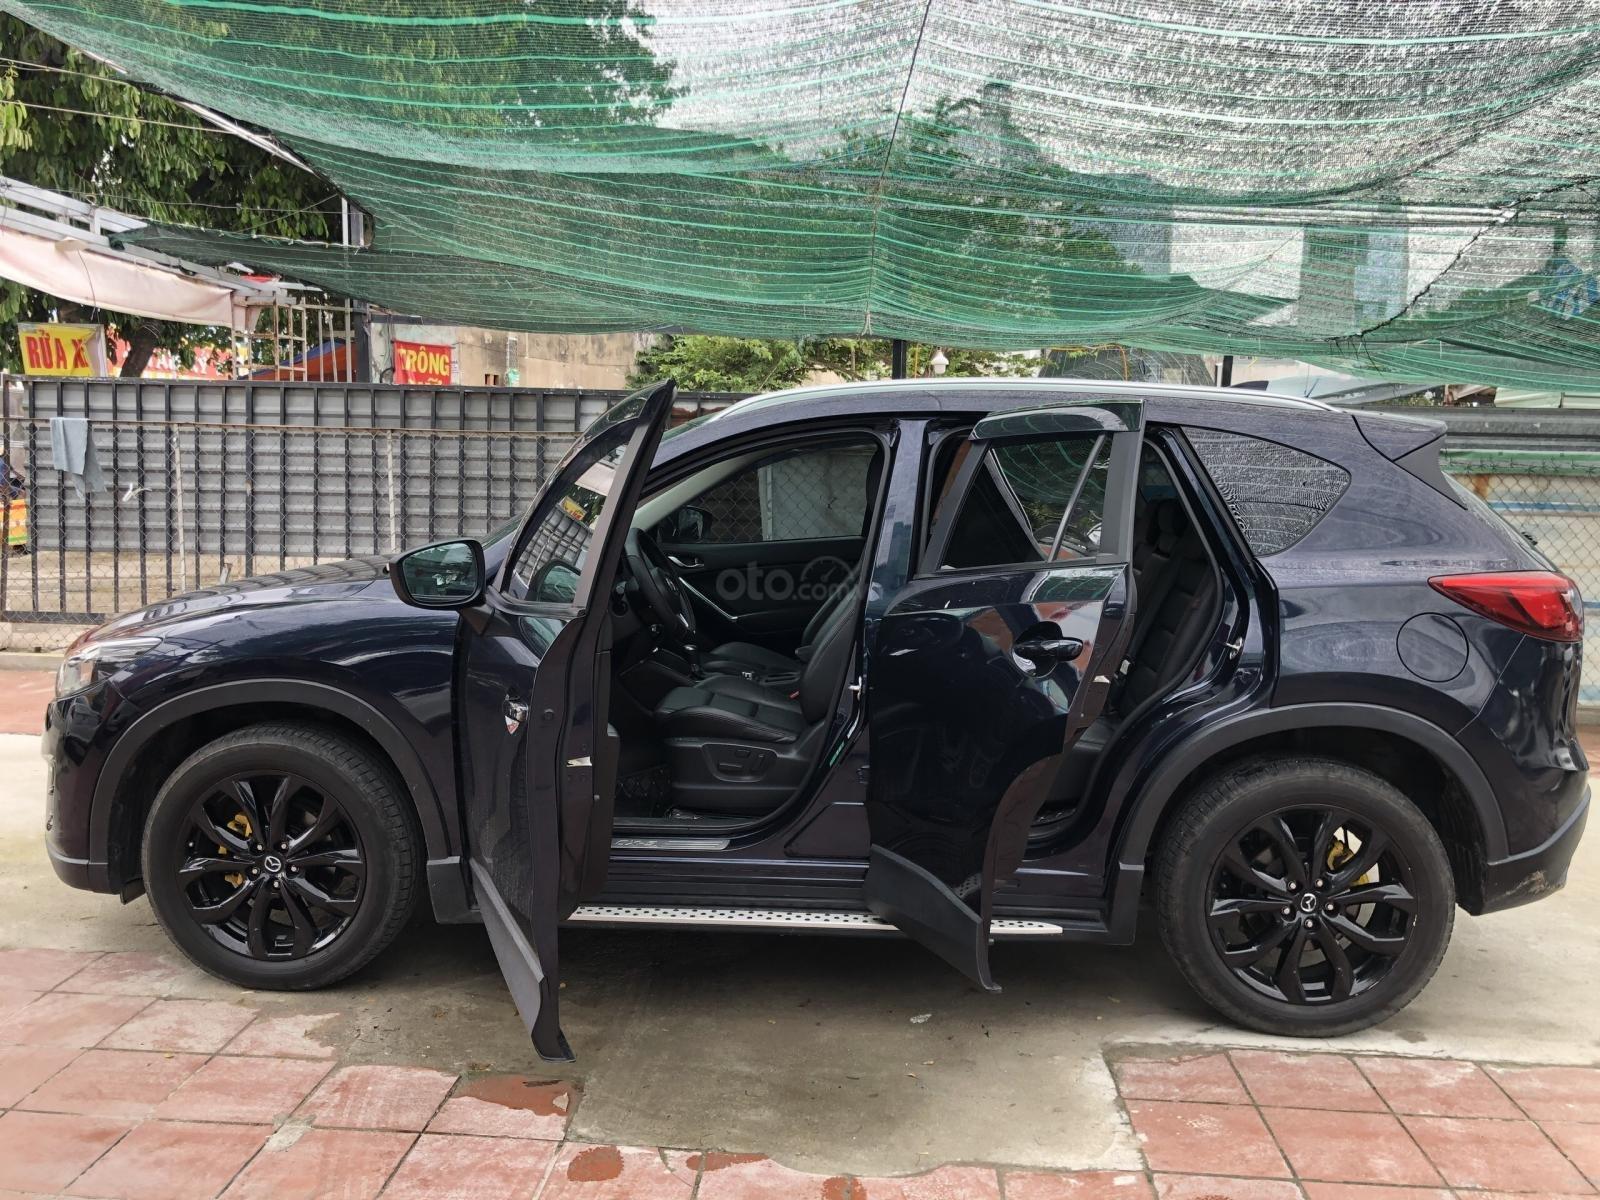 Bán gấp Mazda CX 5 sản xuất năm 2017, xe đẹp mới long lanh (6)